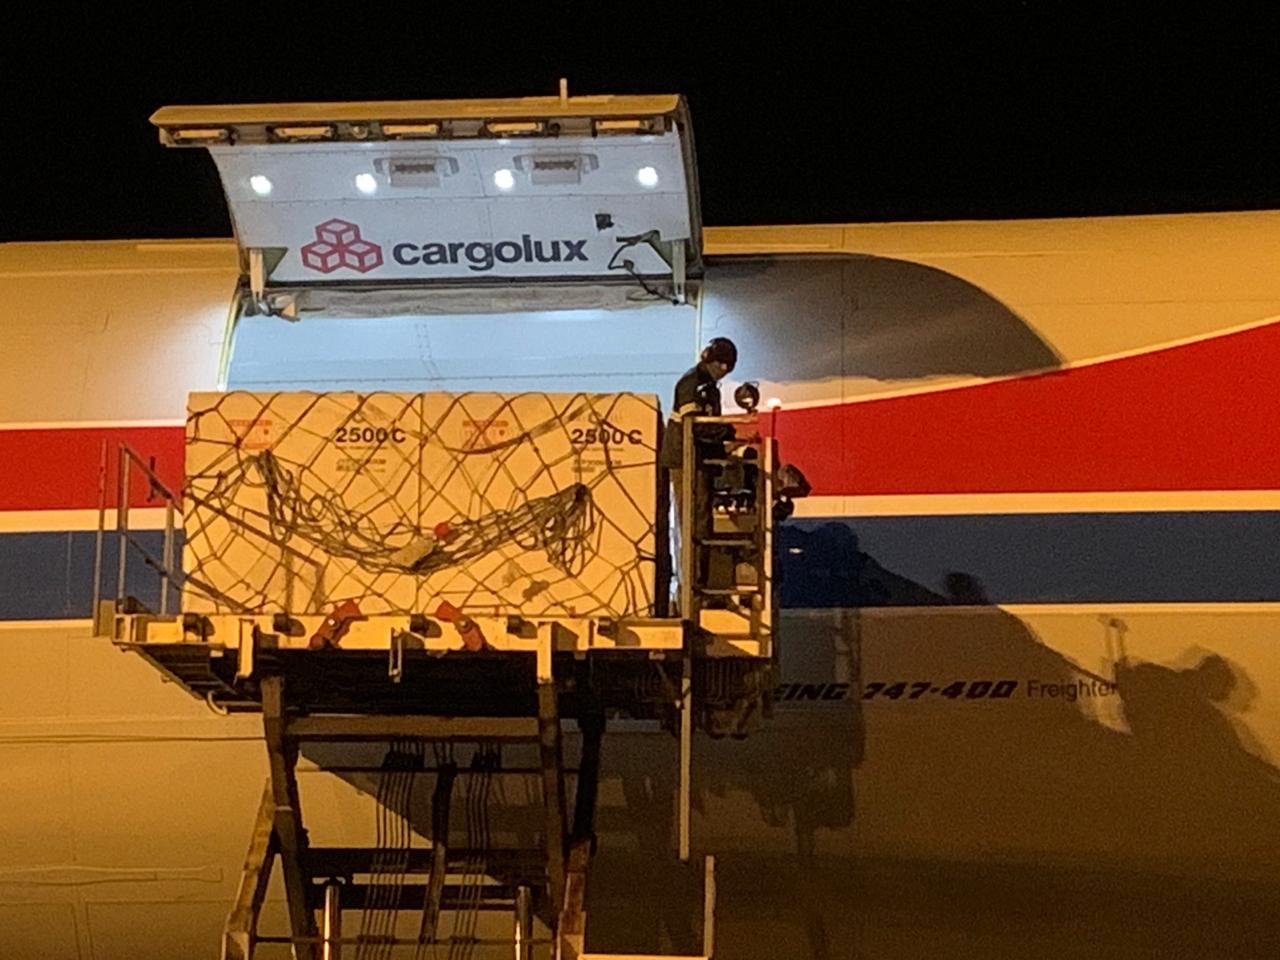 Aeroporto Internacional de BH recebe 3,3 milhões de doses de vacinas contra Meningite C